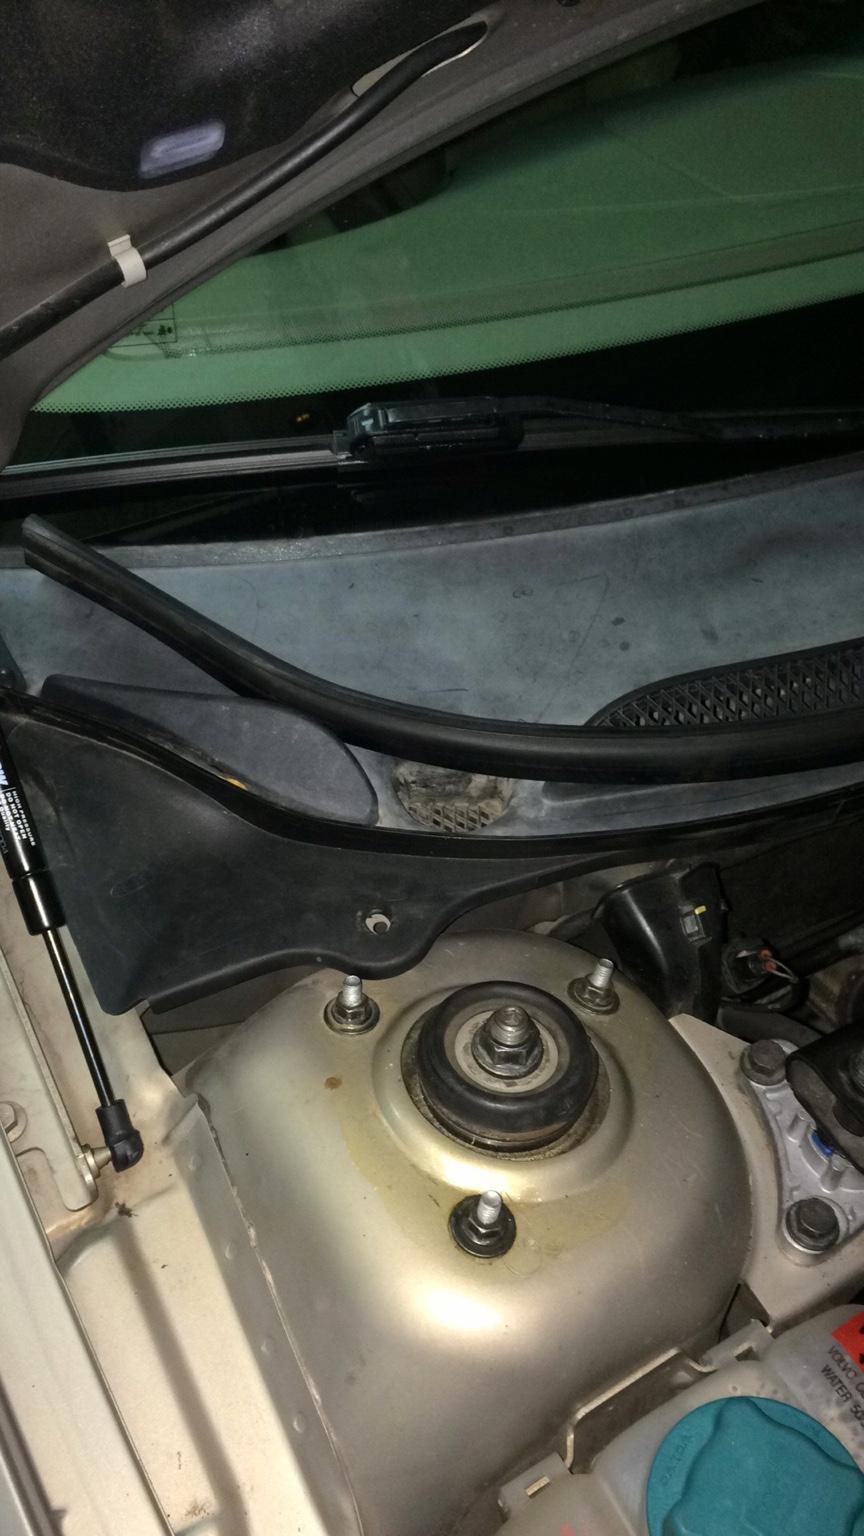 Car interior air quality - Location Of Sensor